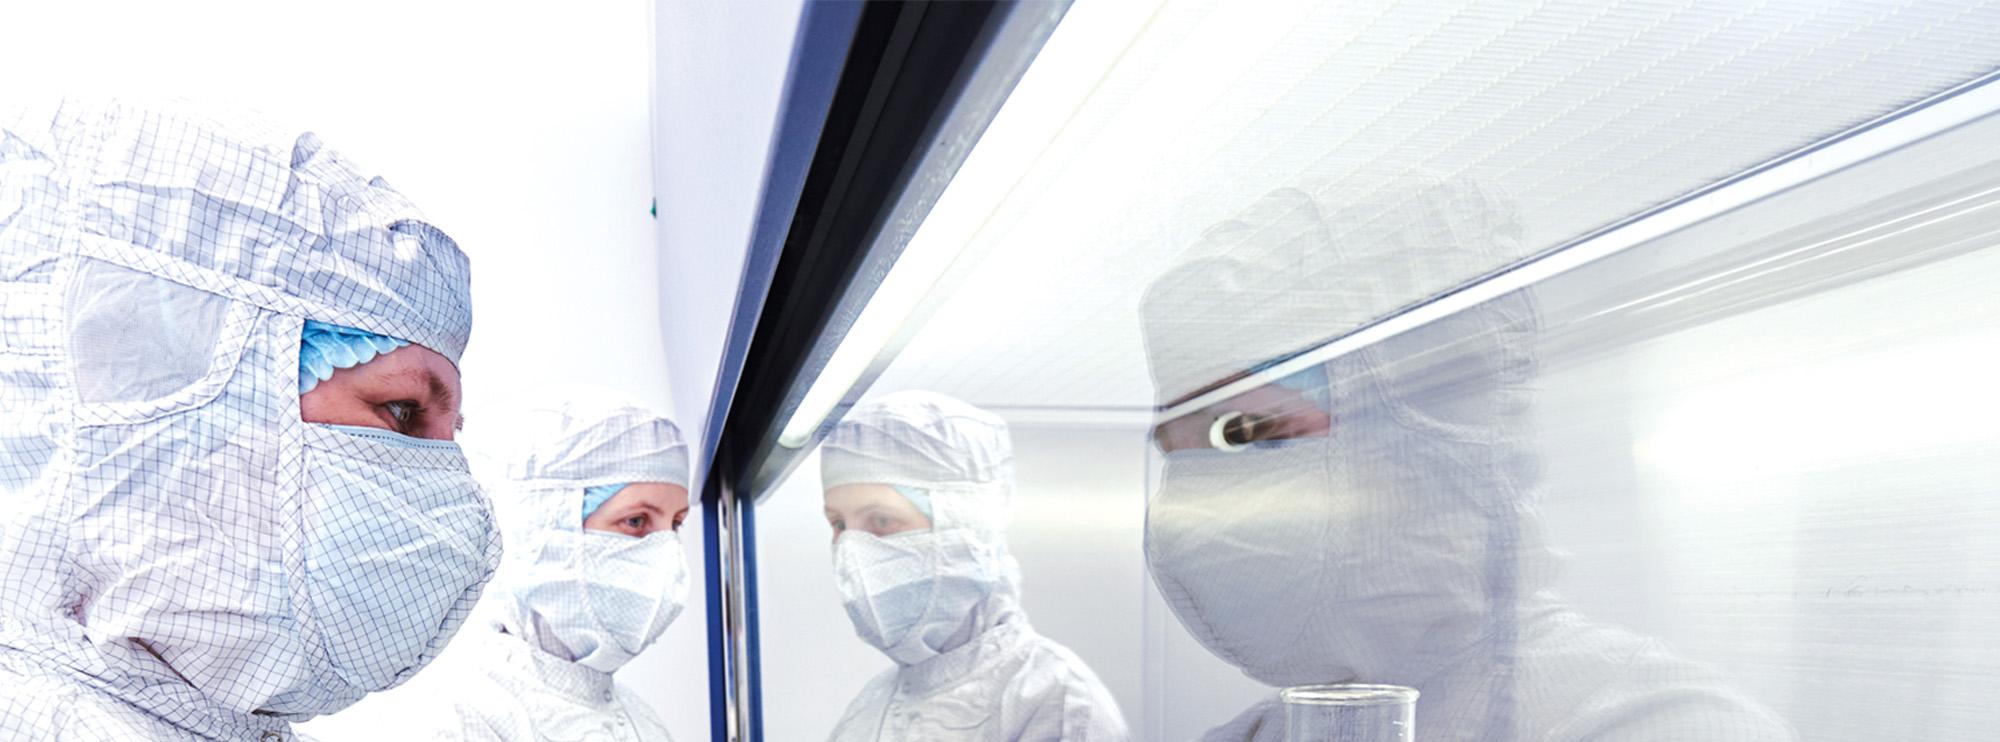 742x2000 b n, Thermo Scientific Israel, ציוד רפואי, גטר ביו-מד